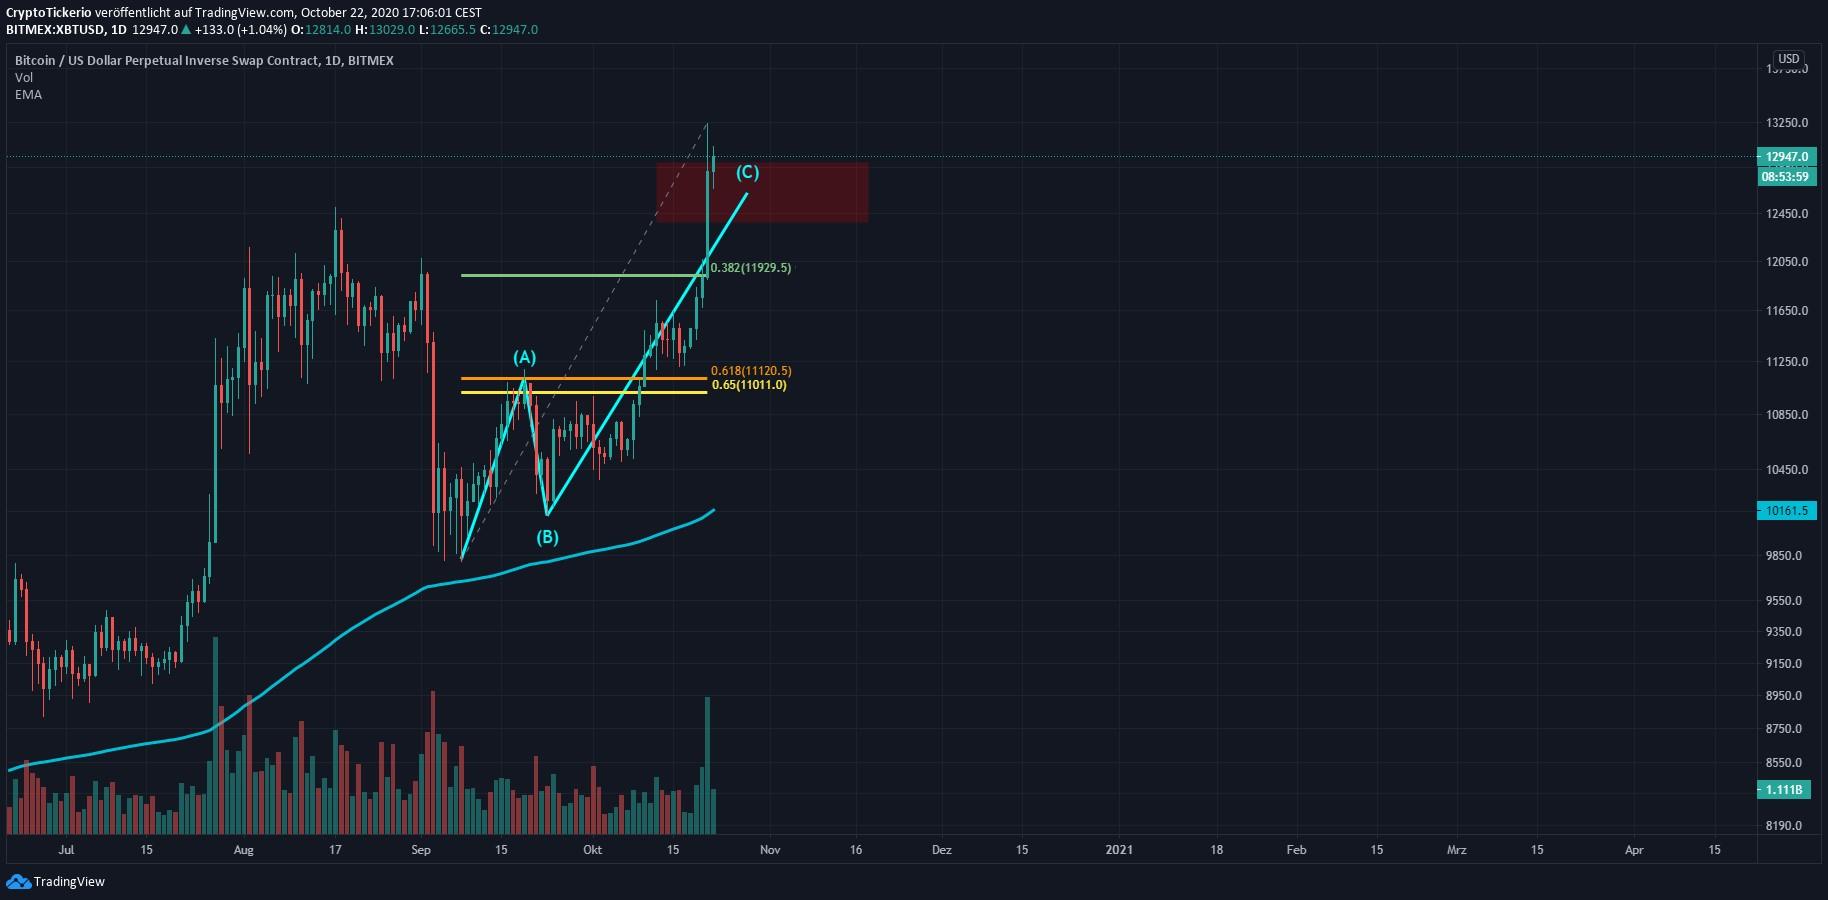 Bitcoin Kurs anstieg im Tageschart